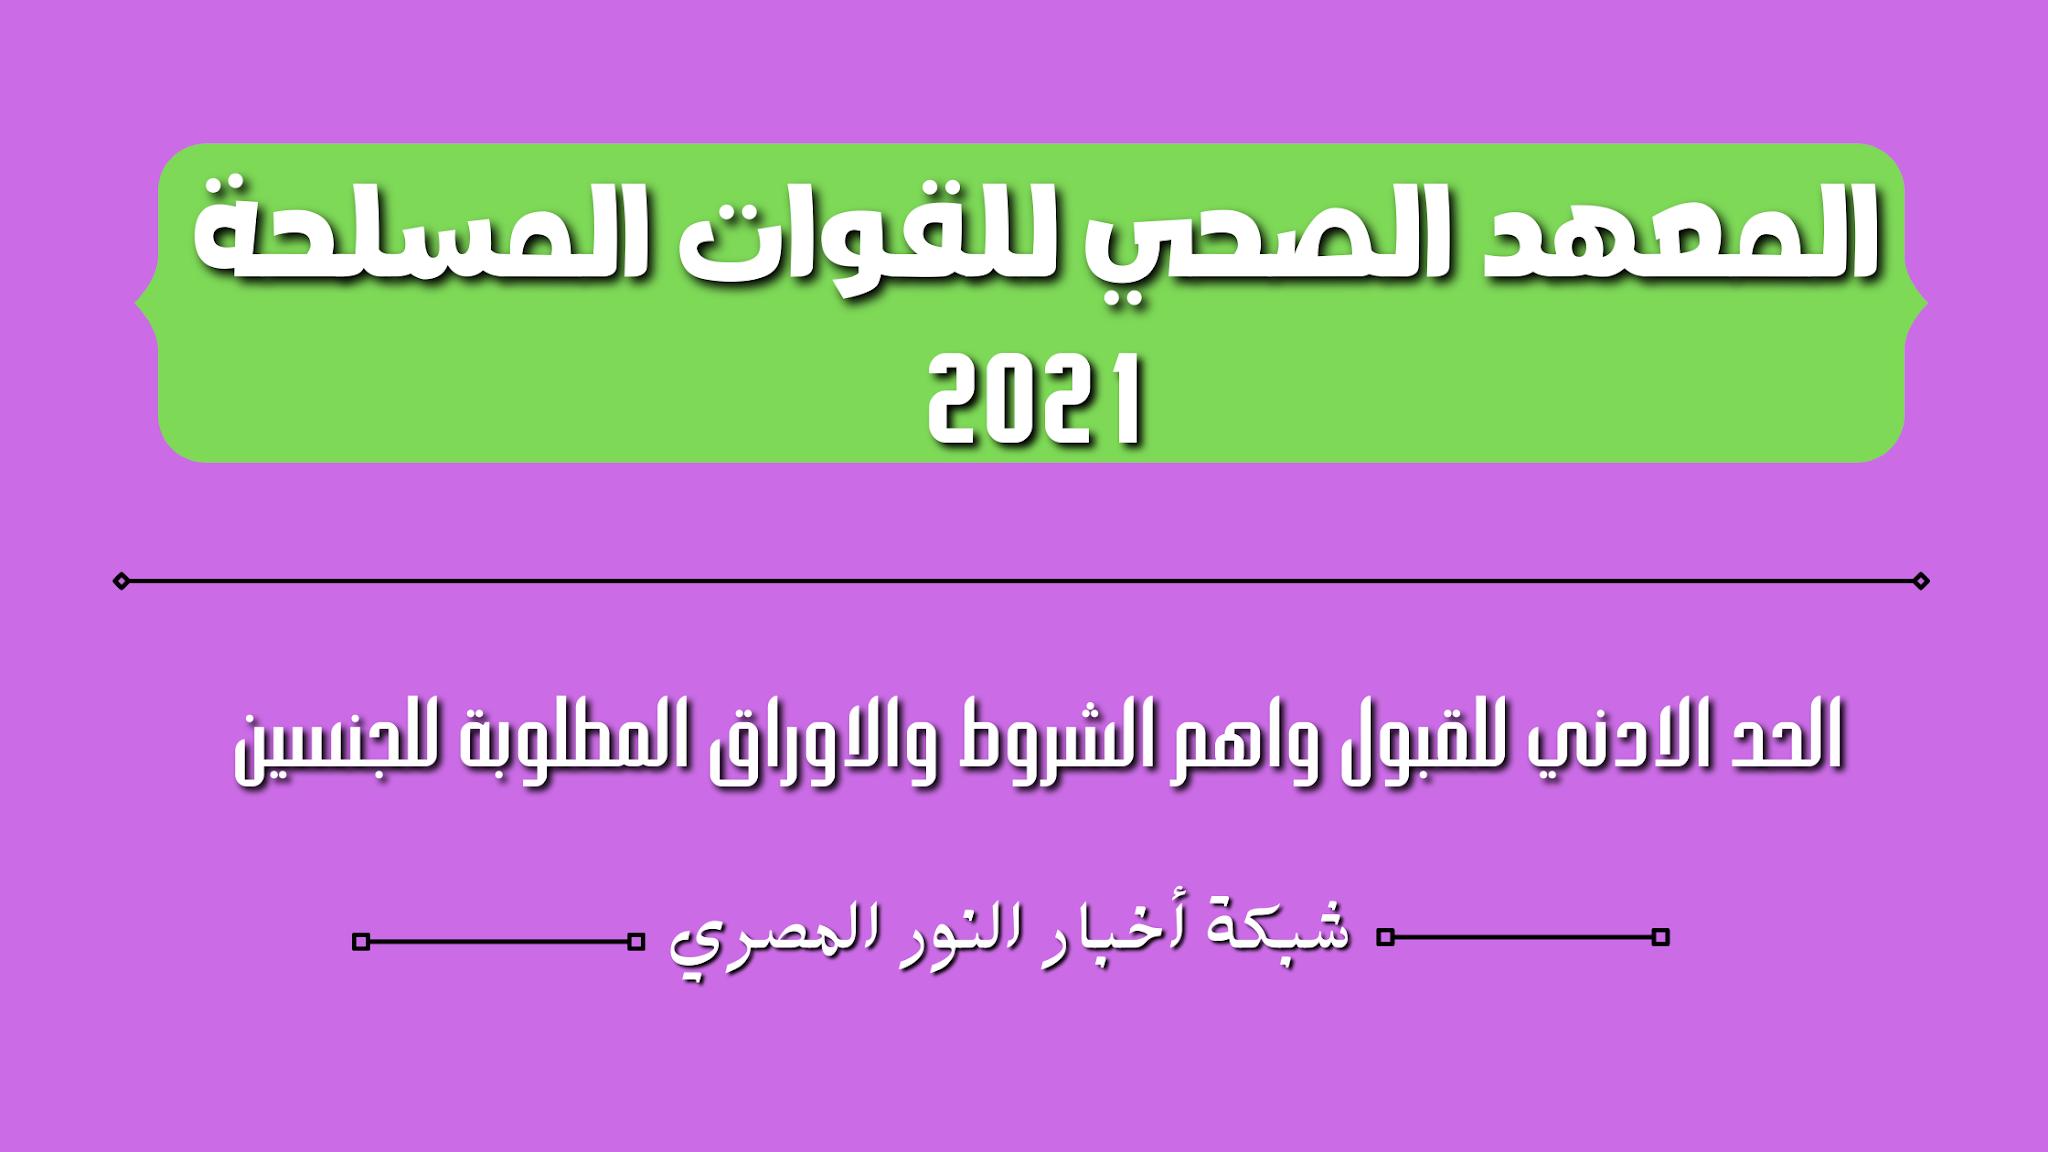 الحد الادني لتنسيق القبول في المعهد الصحي للقوات المسلحة 2021-2022 للإناث و الذكور | اهم الشروط و الأوراق المطلوبة للالتحاق بالمعاهد الحربية